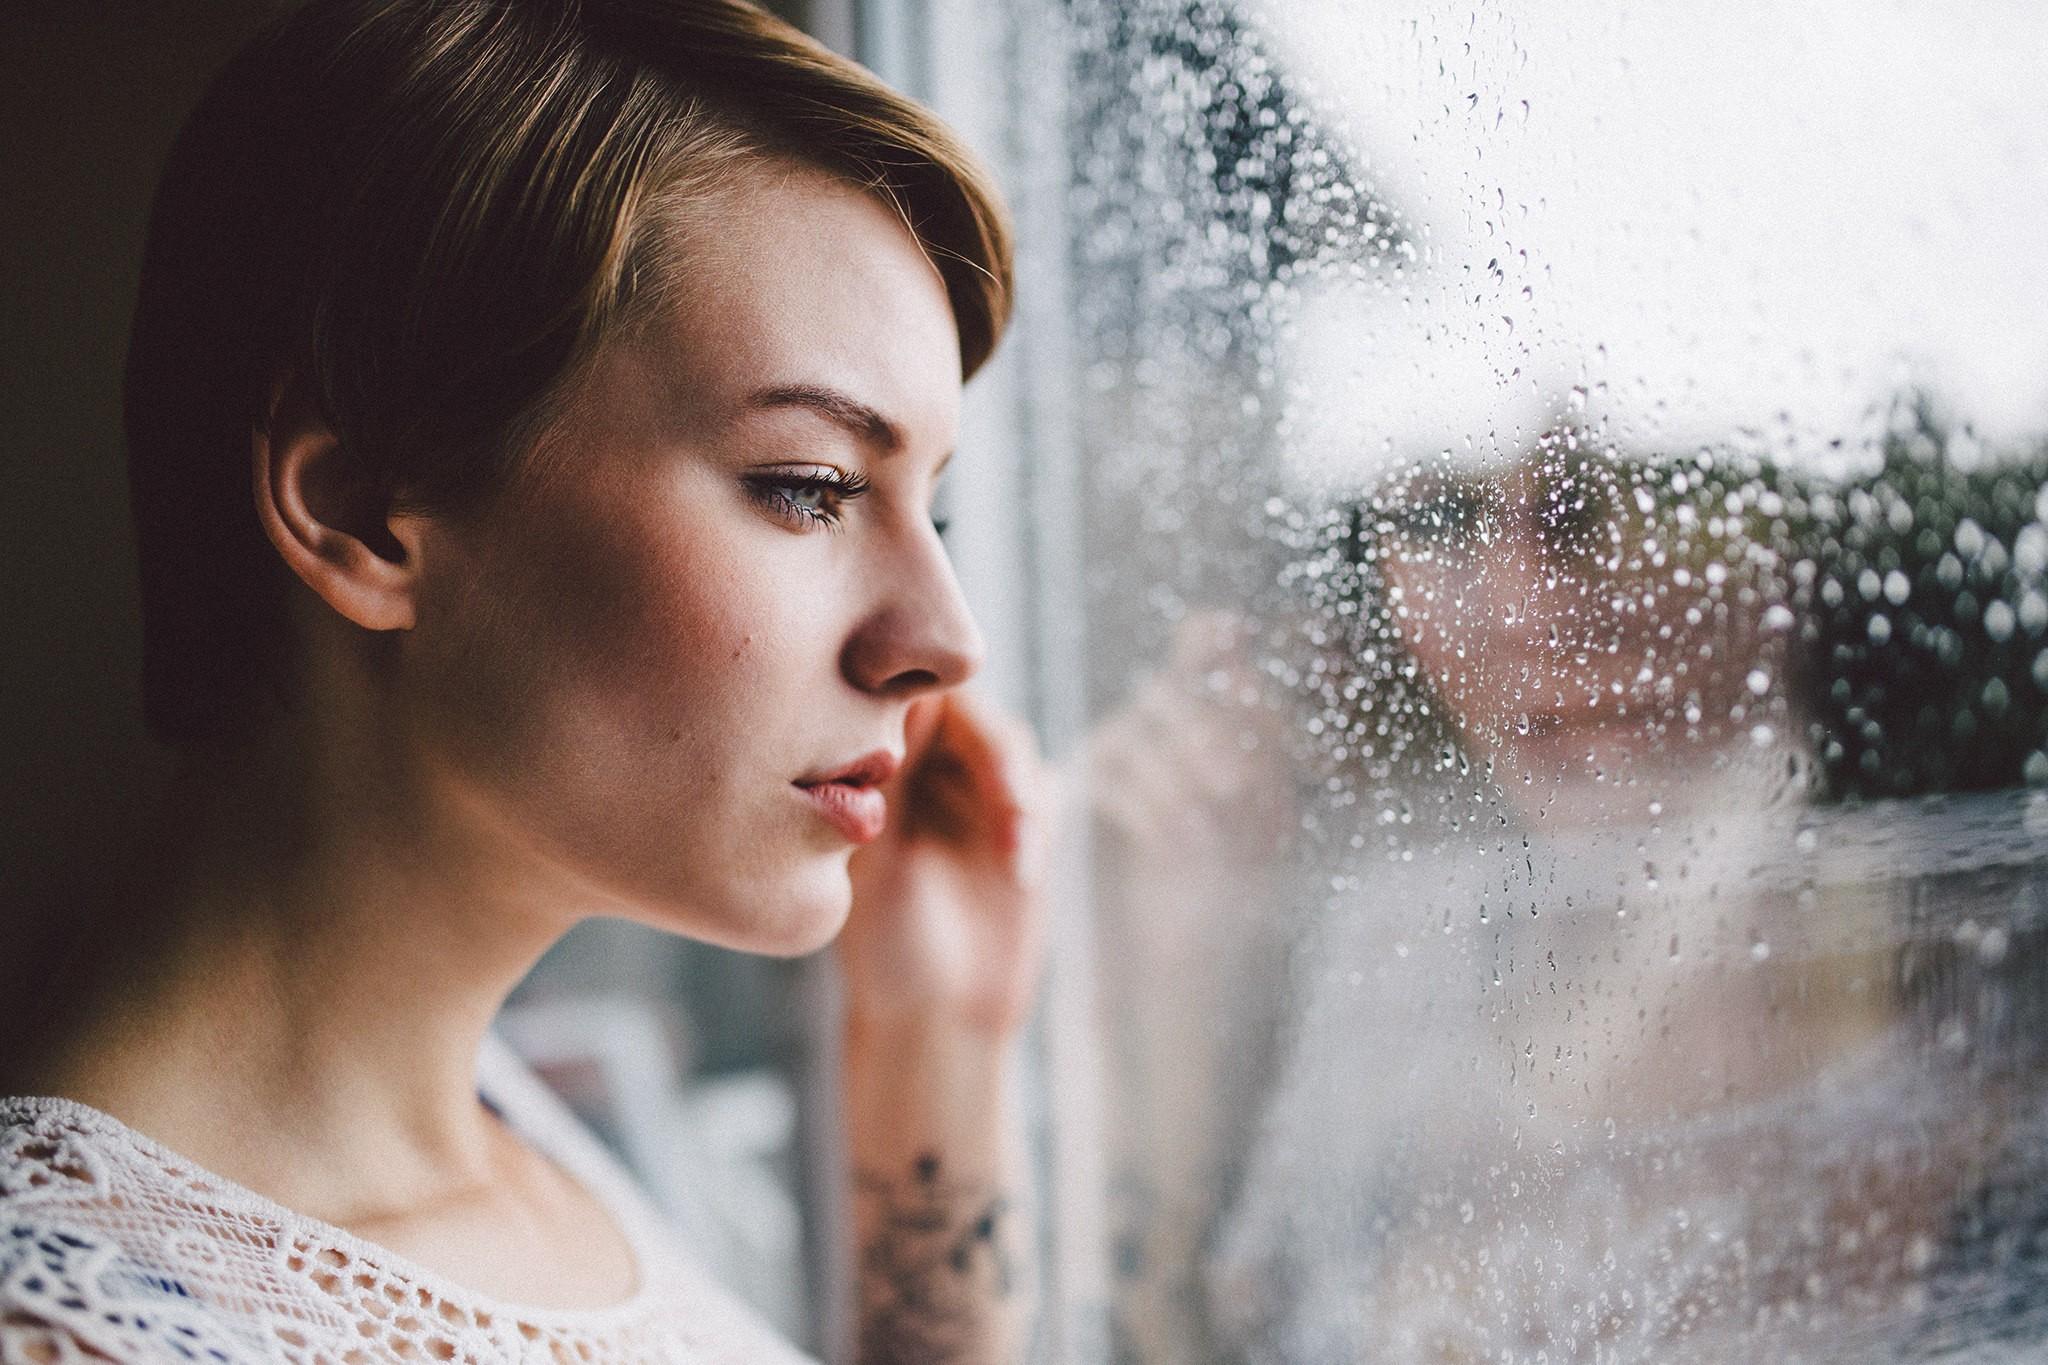 женщина смотрит через стекло